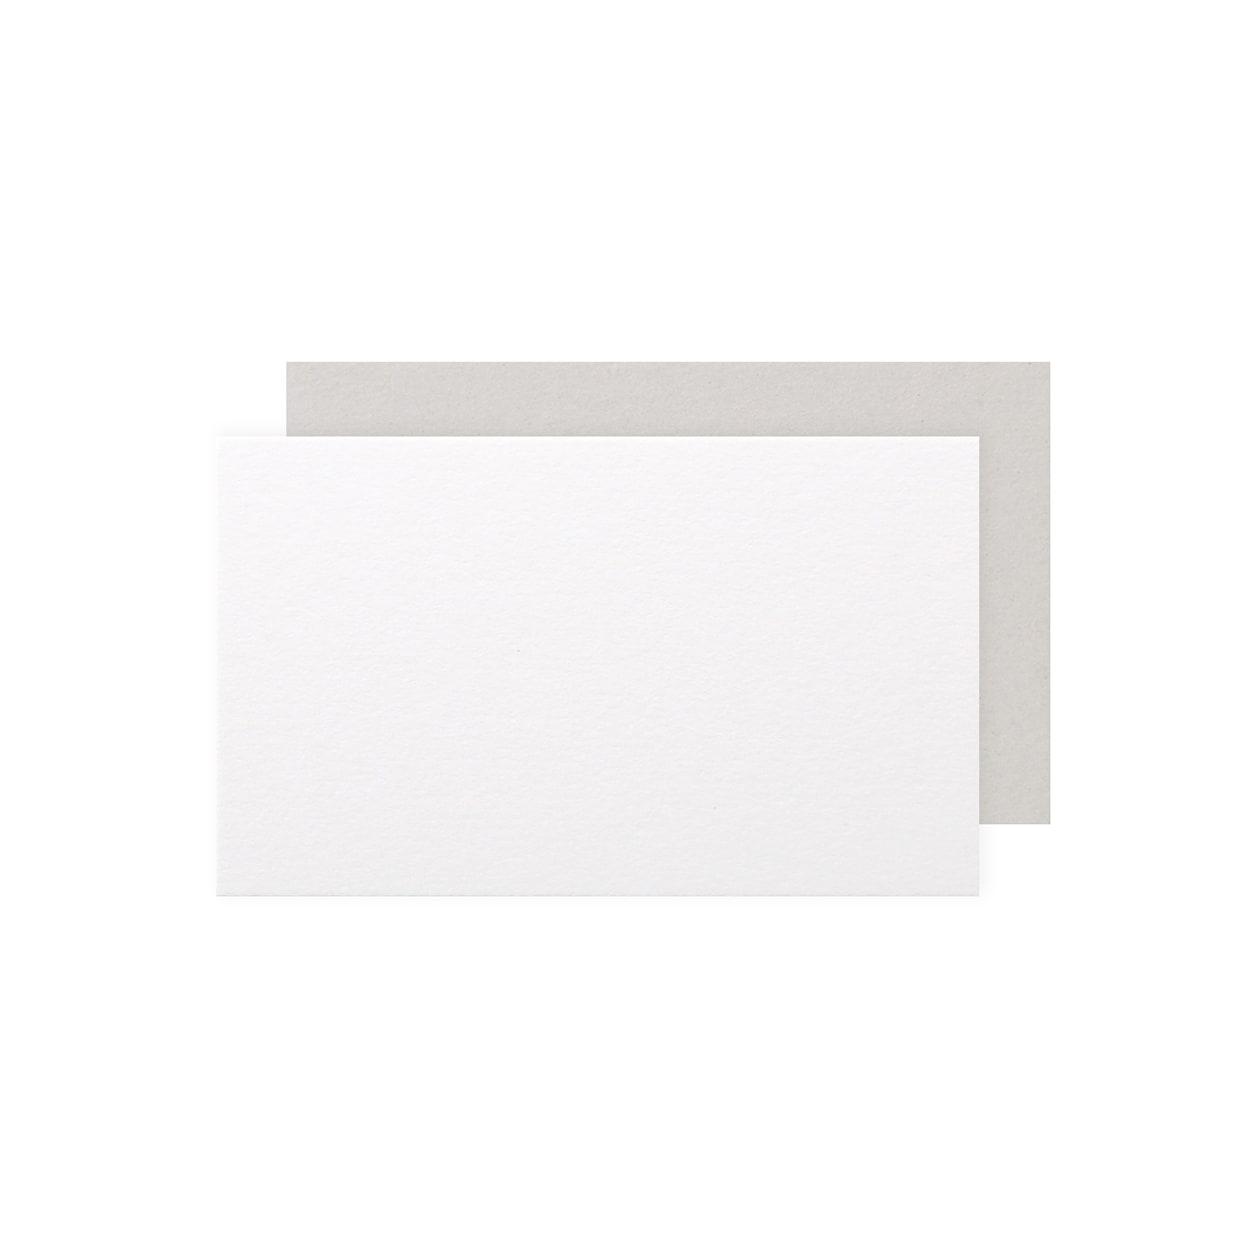 ネームカード 二層合紙 スノーホワイト×グレー 798.8g